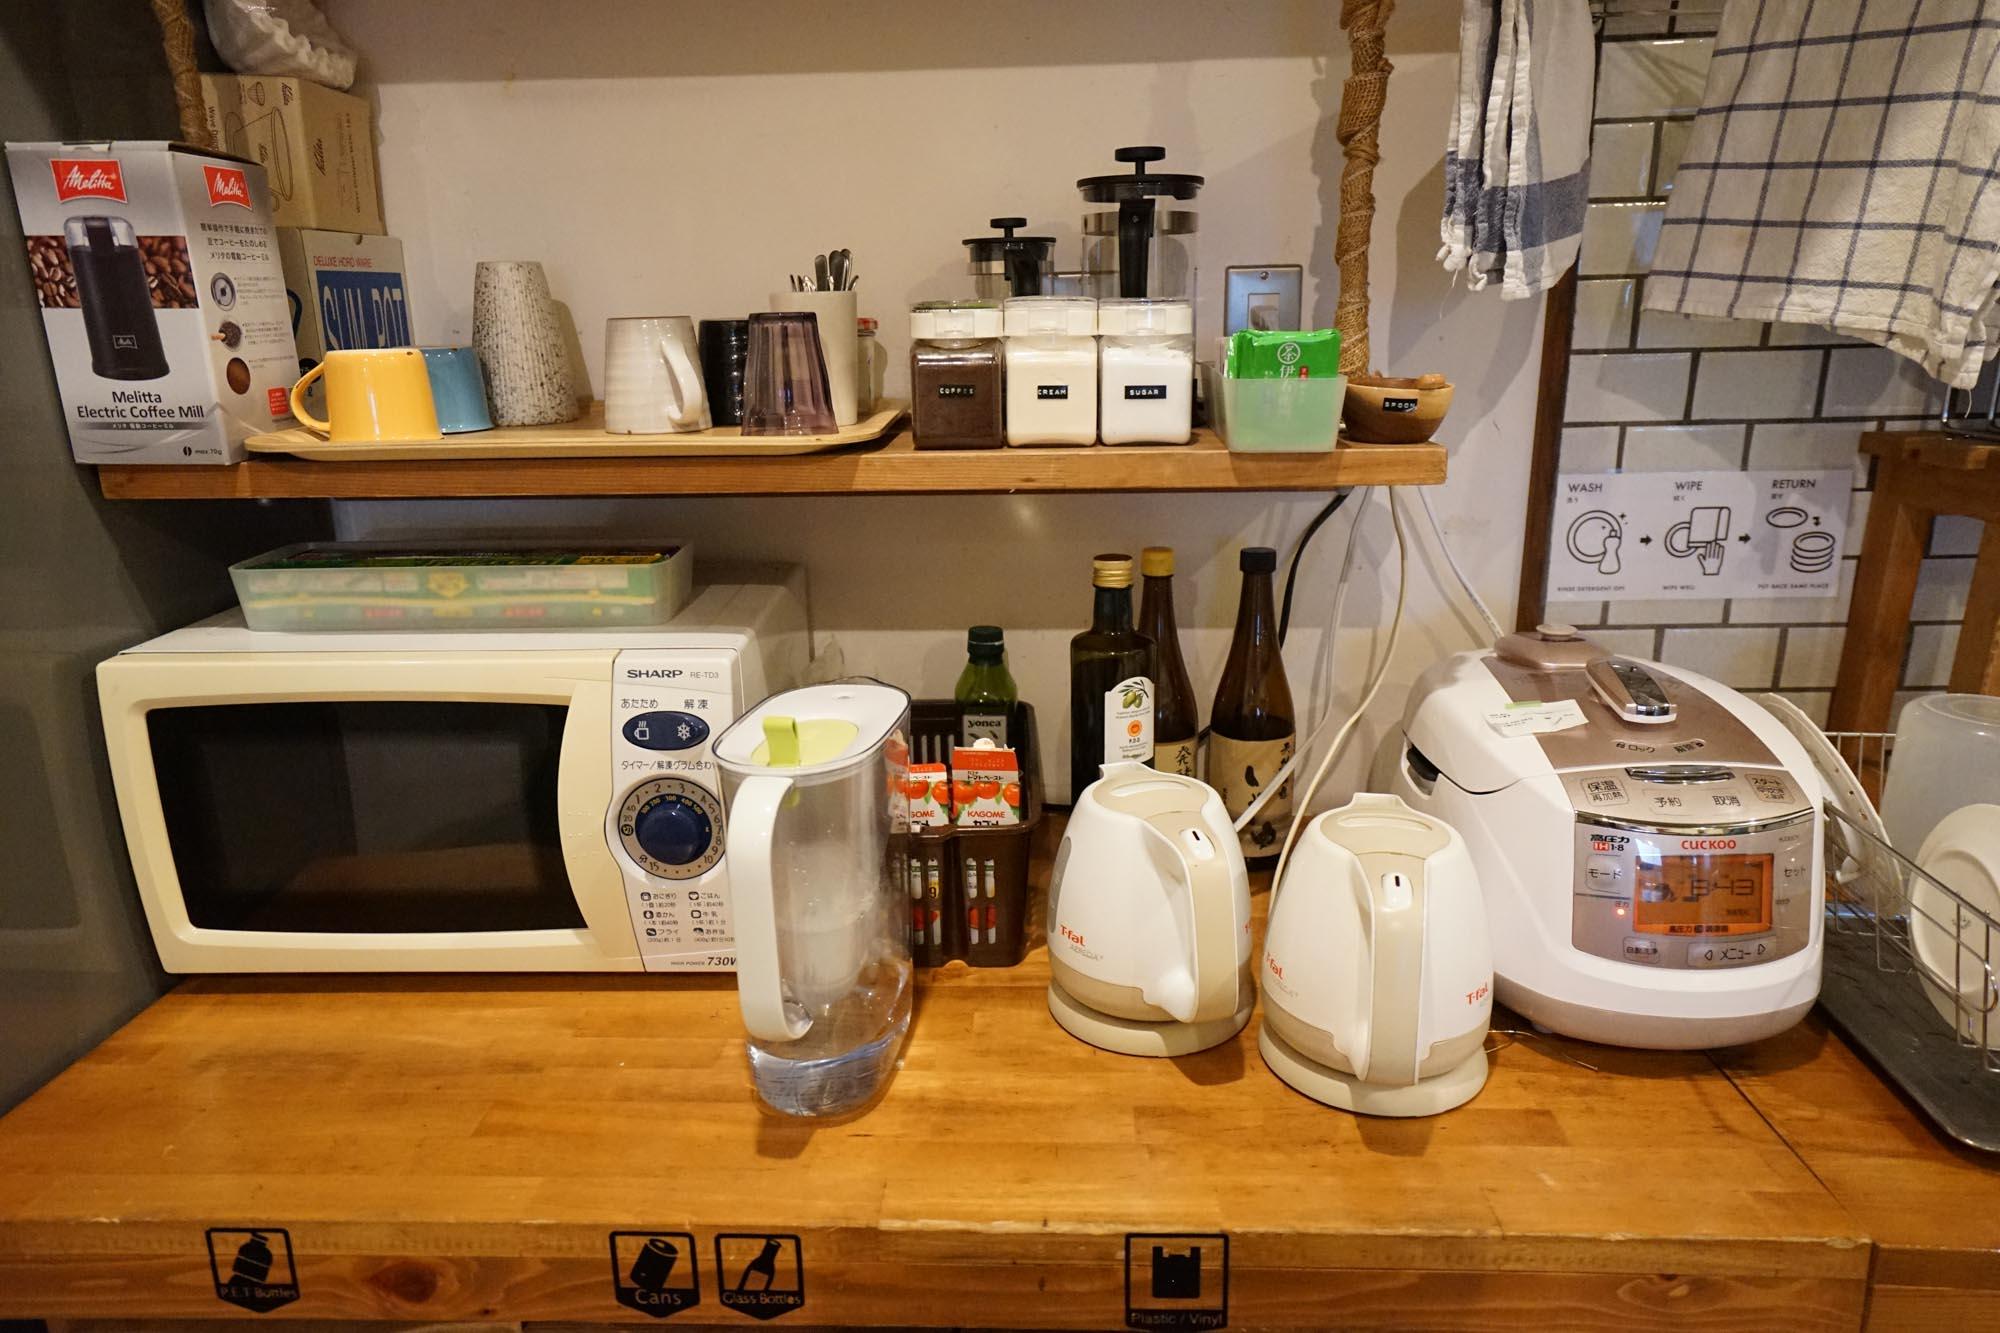 家電類も、電子レンジ、ポット、炊飯器と揃っているのでしっかり自炊ができます。